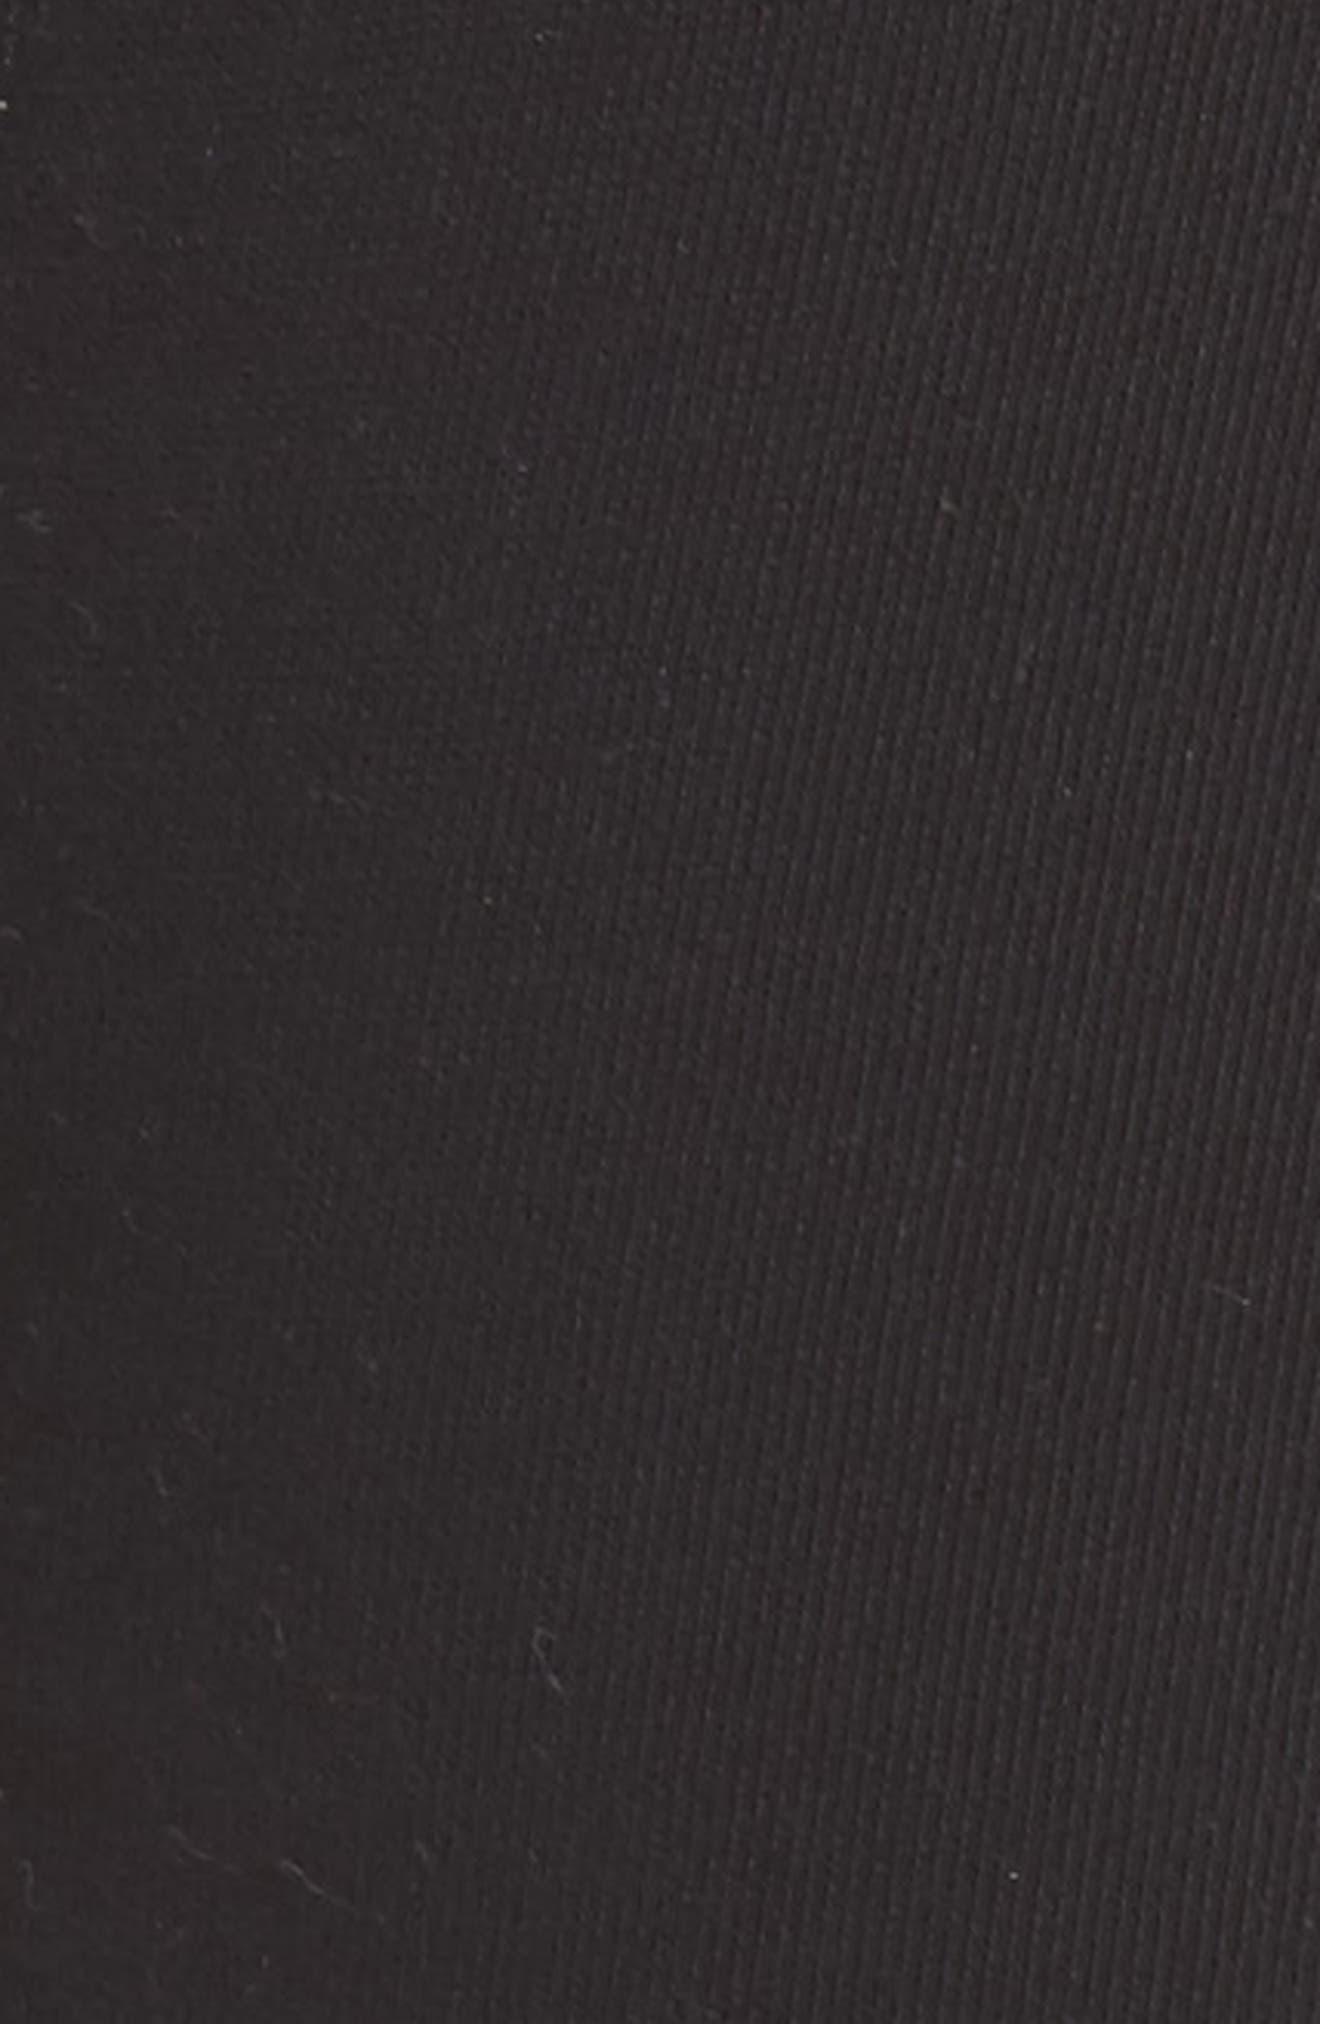 Lace Up Lounge Pants,                             Alternate thumbnail 5, color,                             001